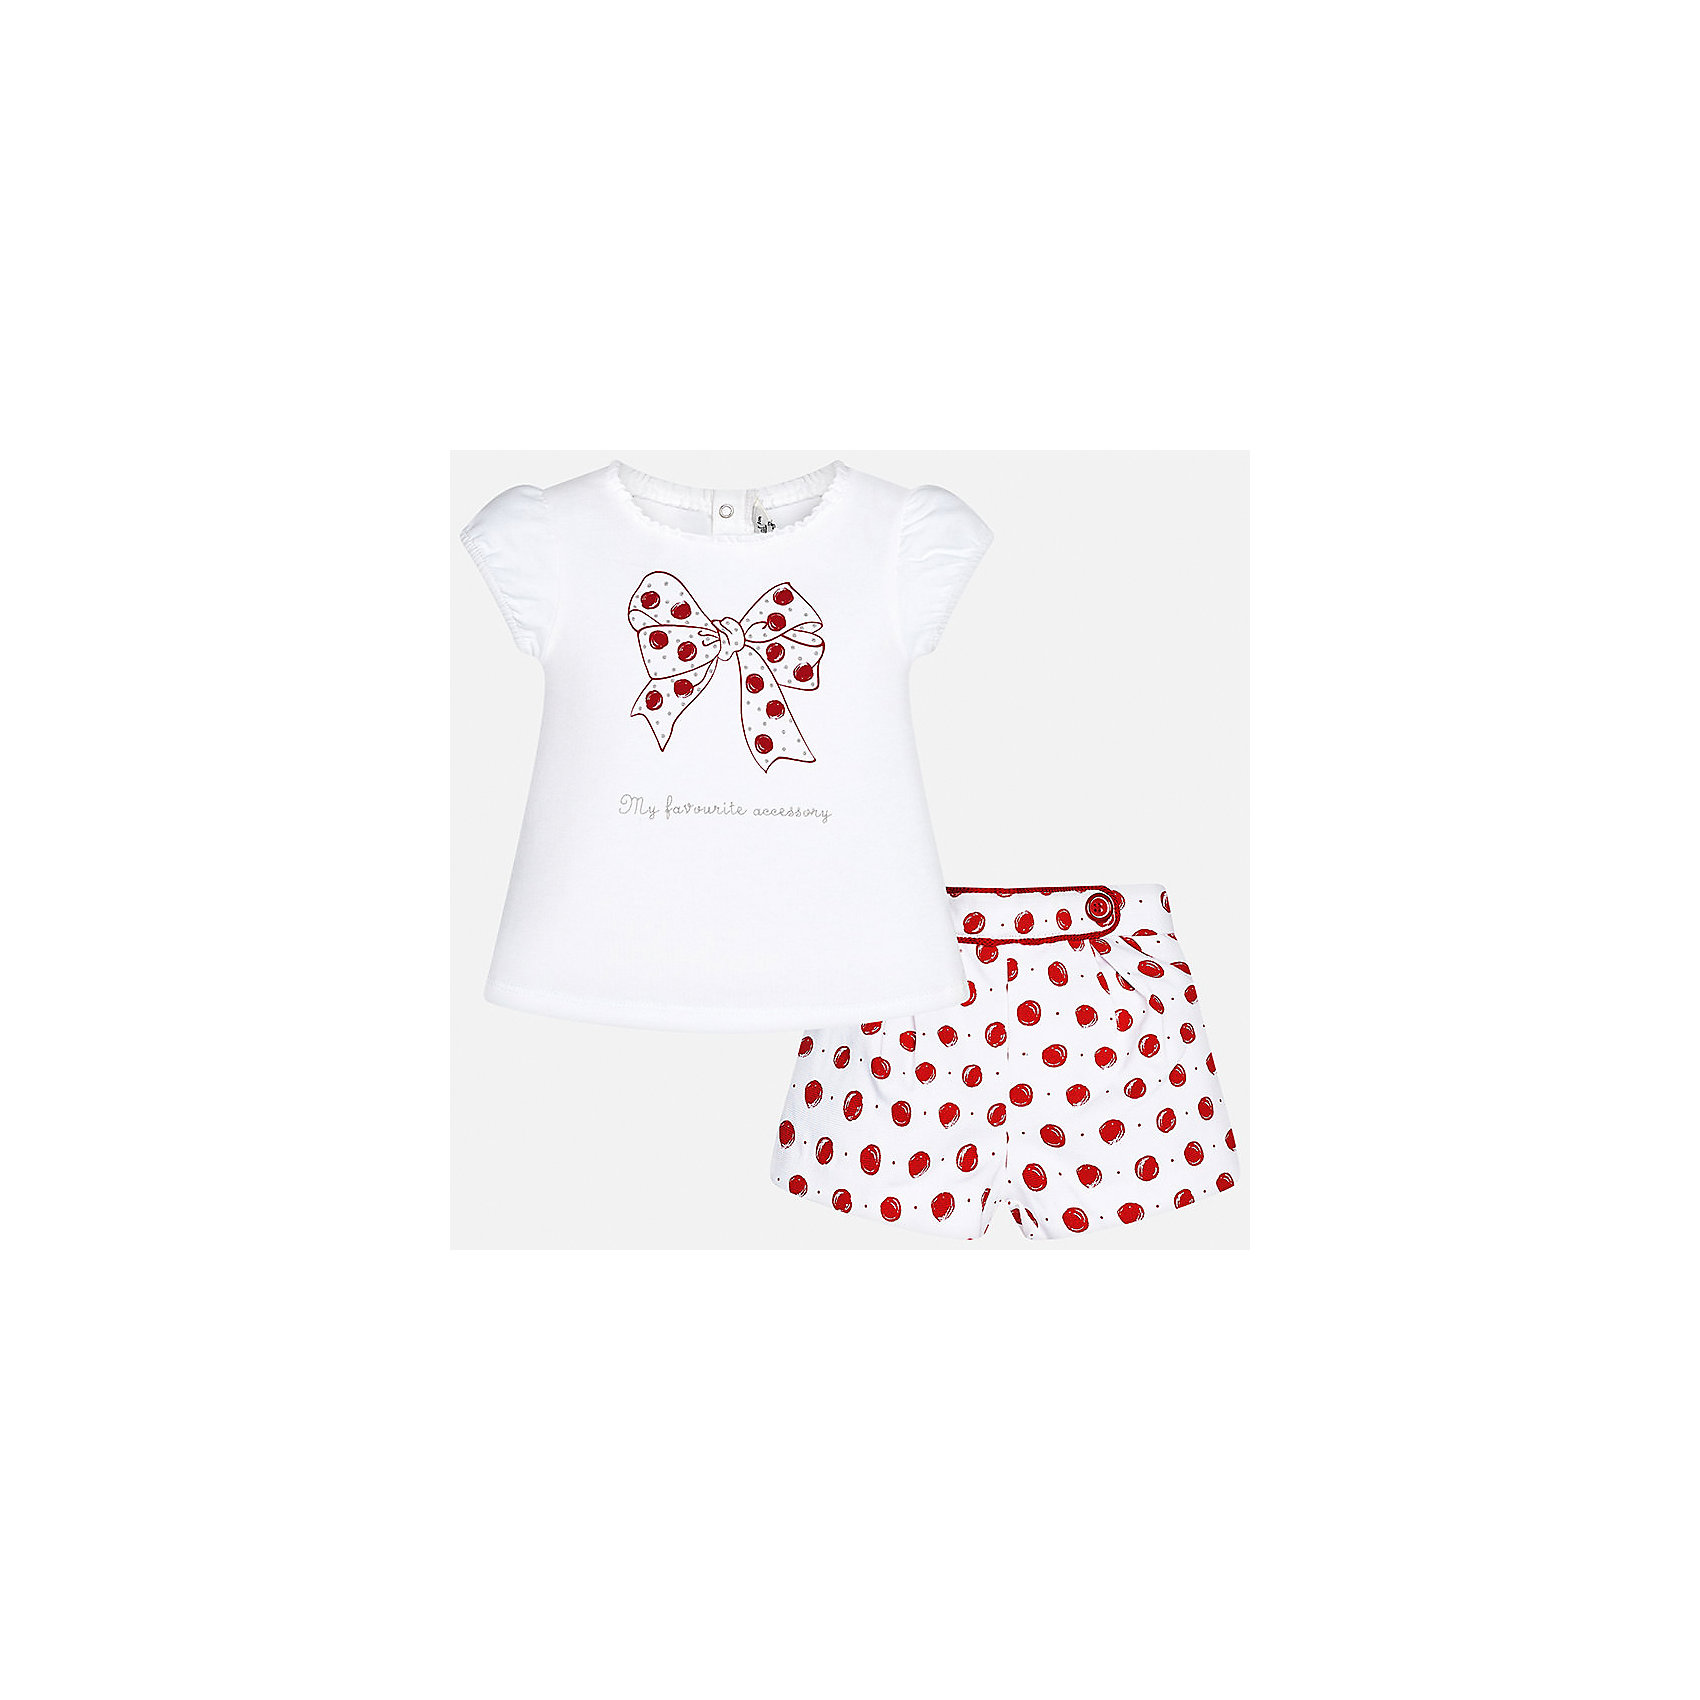 Комплект: футболка и шорты для девочки MayoralКомплекты<br>Комплект: футболка и шорты для девочки от известной испанской марки Mayoral.<br><br>Ширина мм: 191<br>Глубина мм: 10<br>Высота мм: 175<br>Вес г: 273<br>Цвет: красный<br>Возраст от месяцев: 6<br>Возраст до месяцев: 9<br>Пол: Женский<br>Возраст: Детский<br>Размер: 74,92,80,86<br>SKU: 5288891